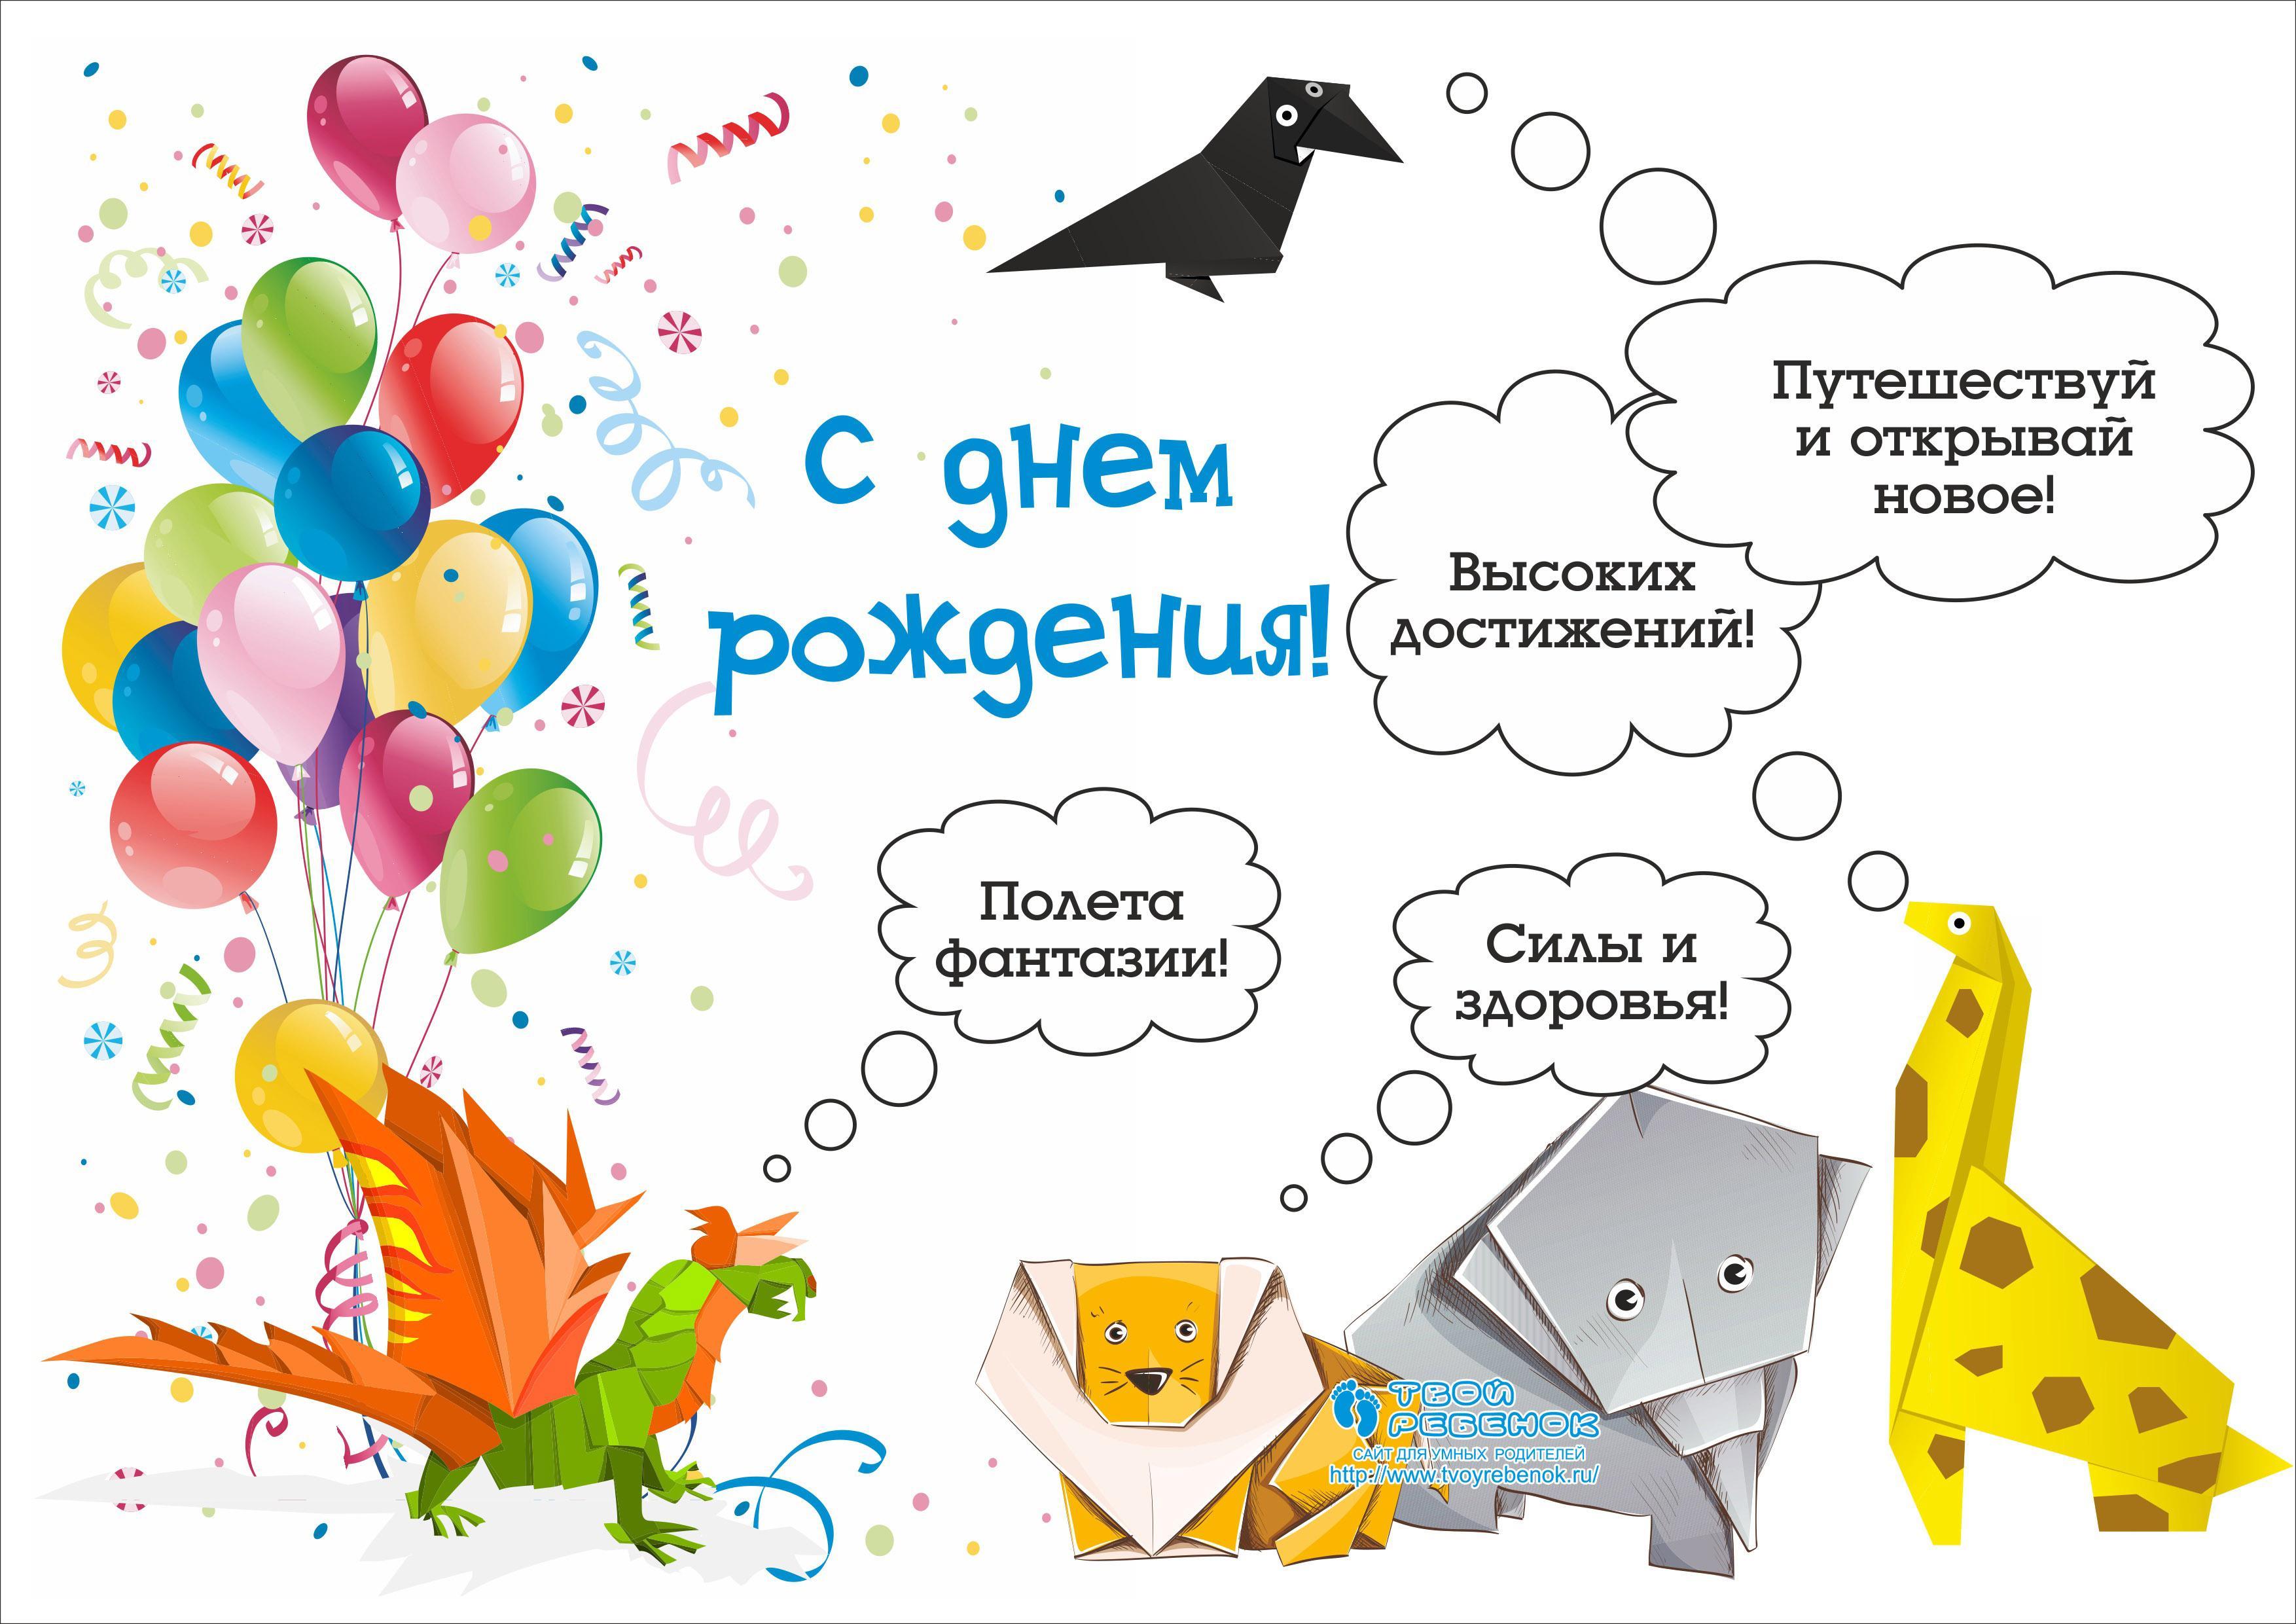 Инсценированное поздравление с днем рождения девушке